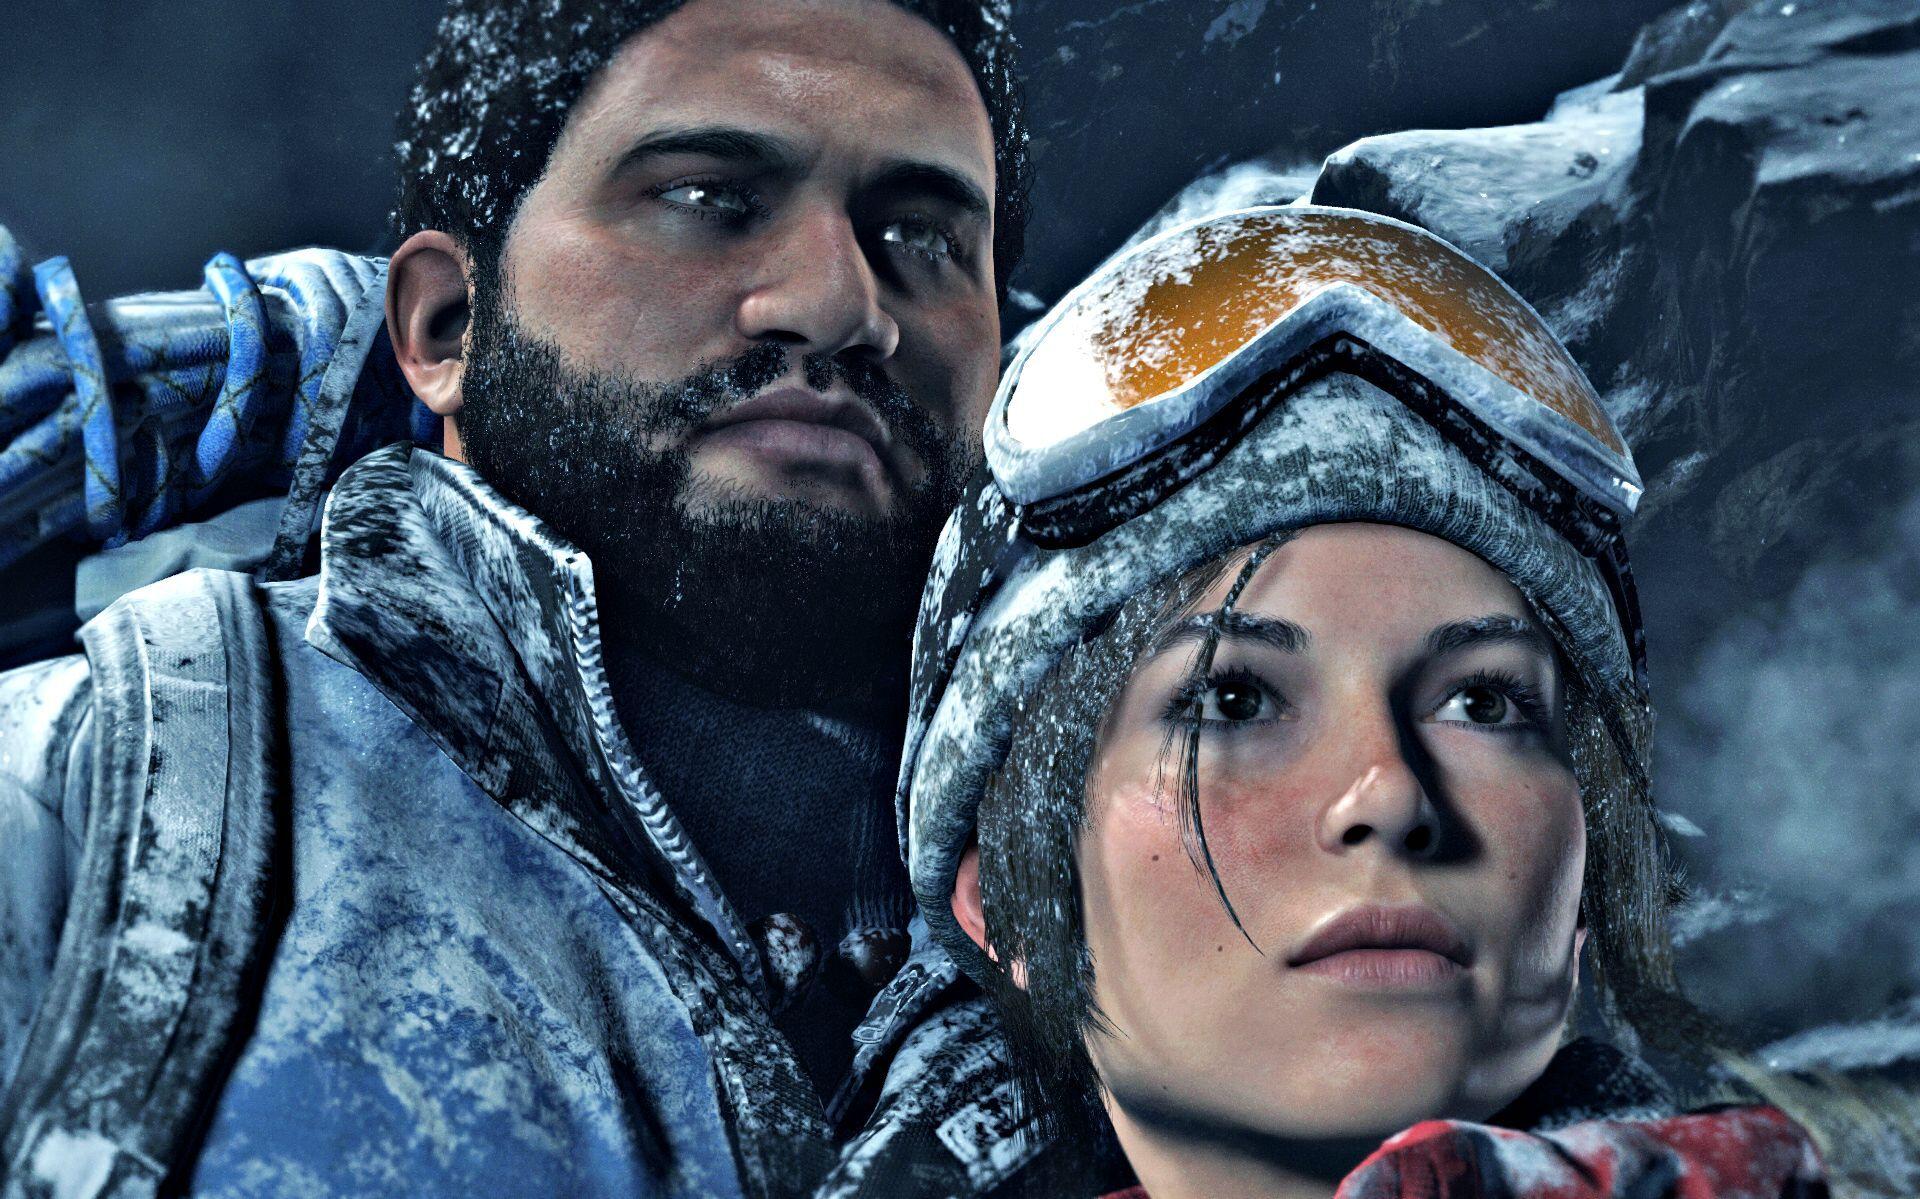 Раскрыта таинственная игра, которую раздадут бесплатно в Epic Games на этой неделе